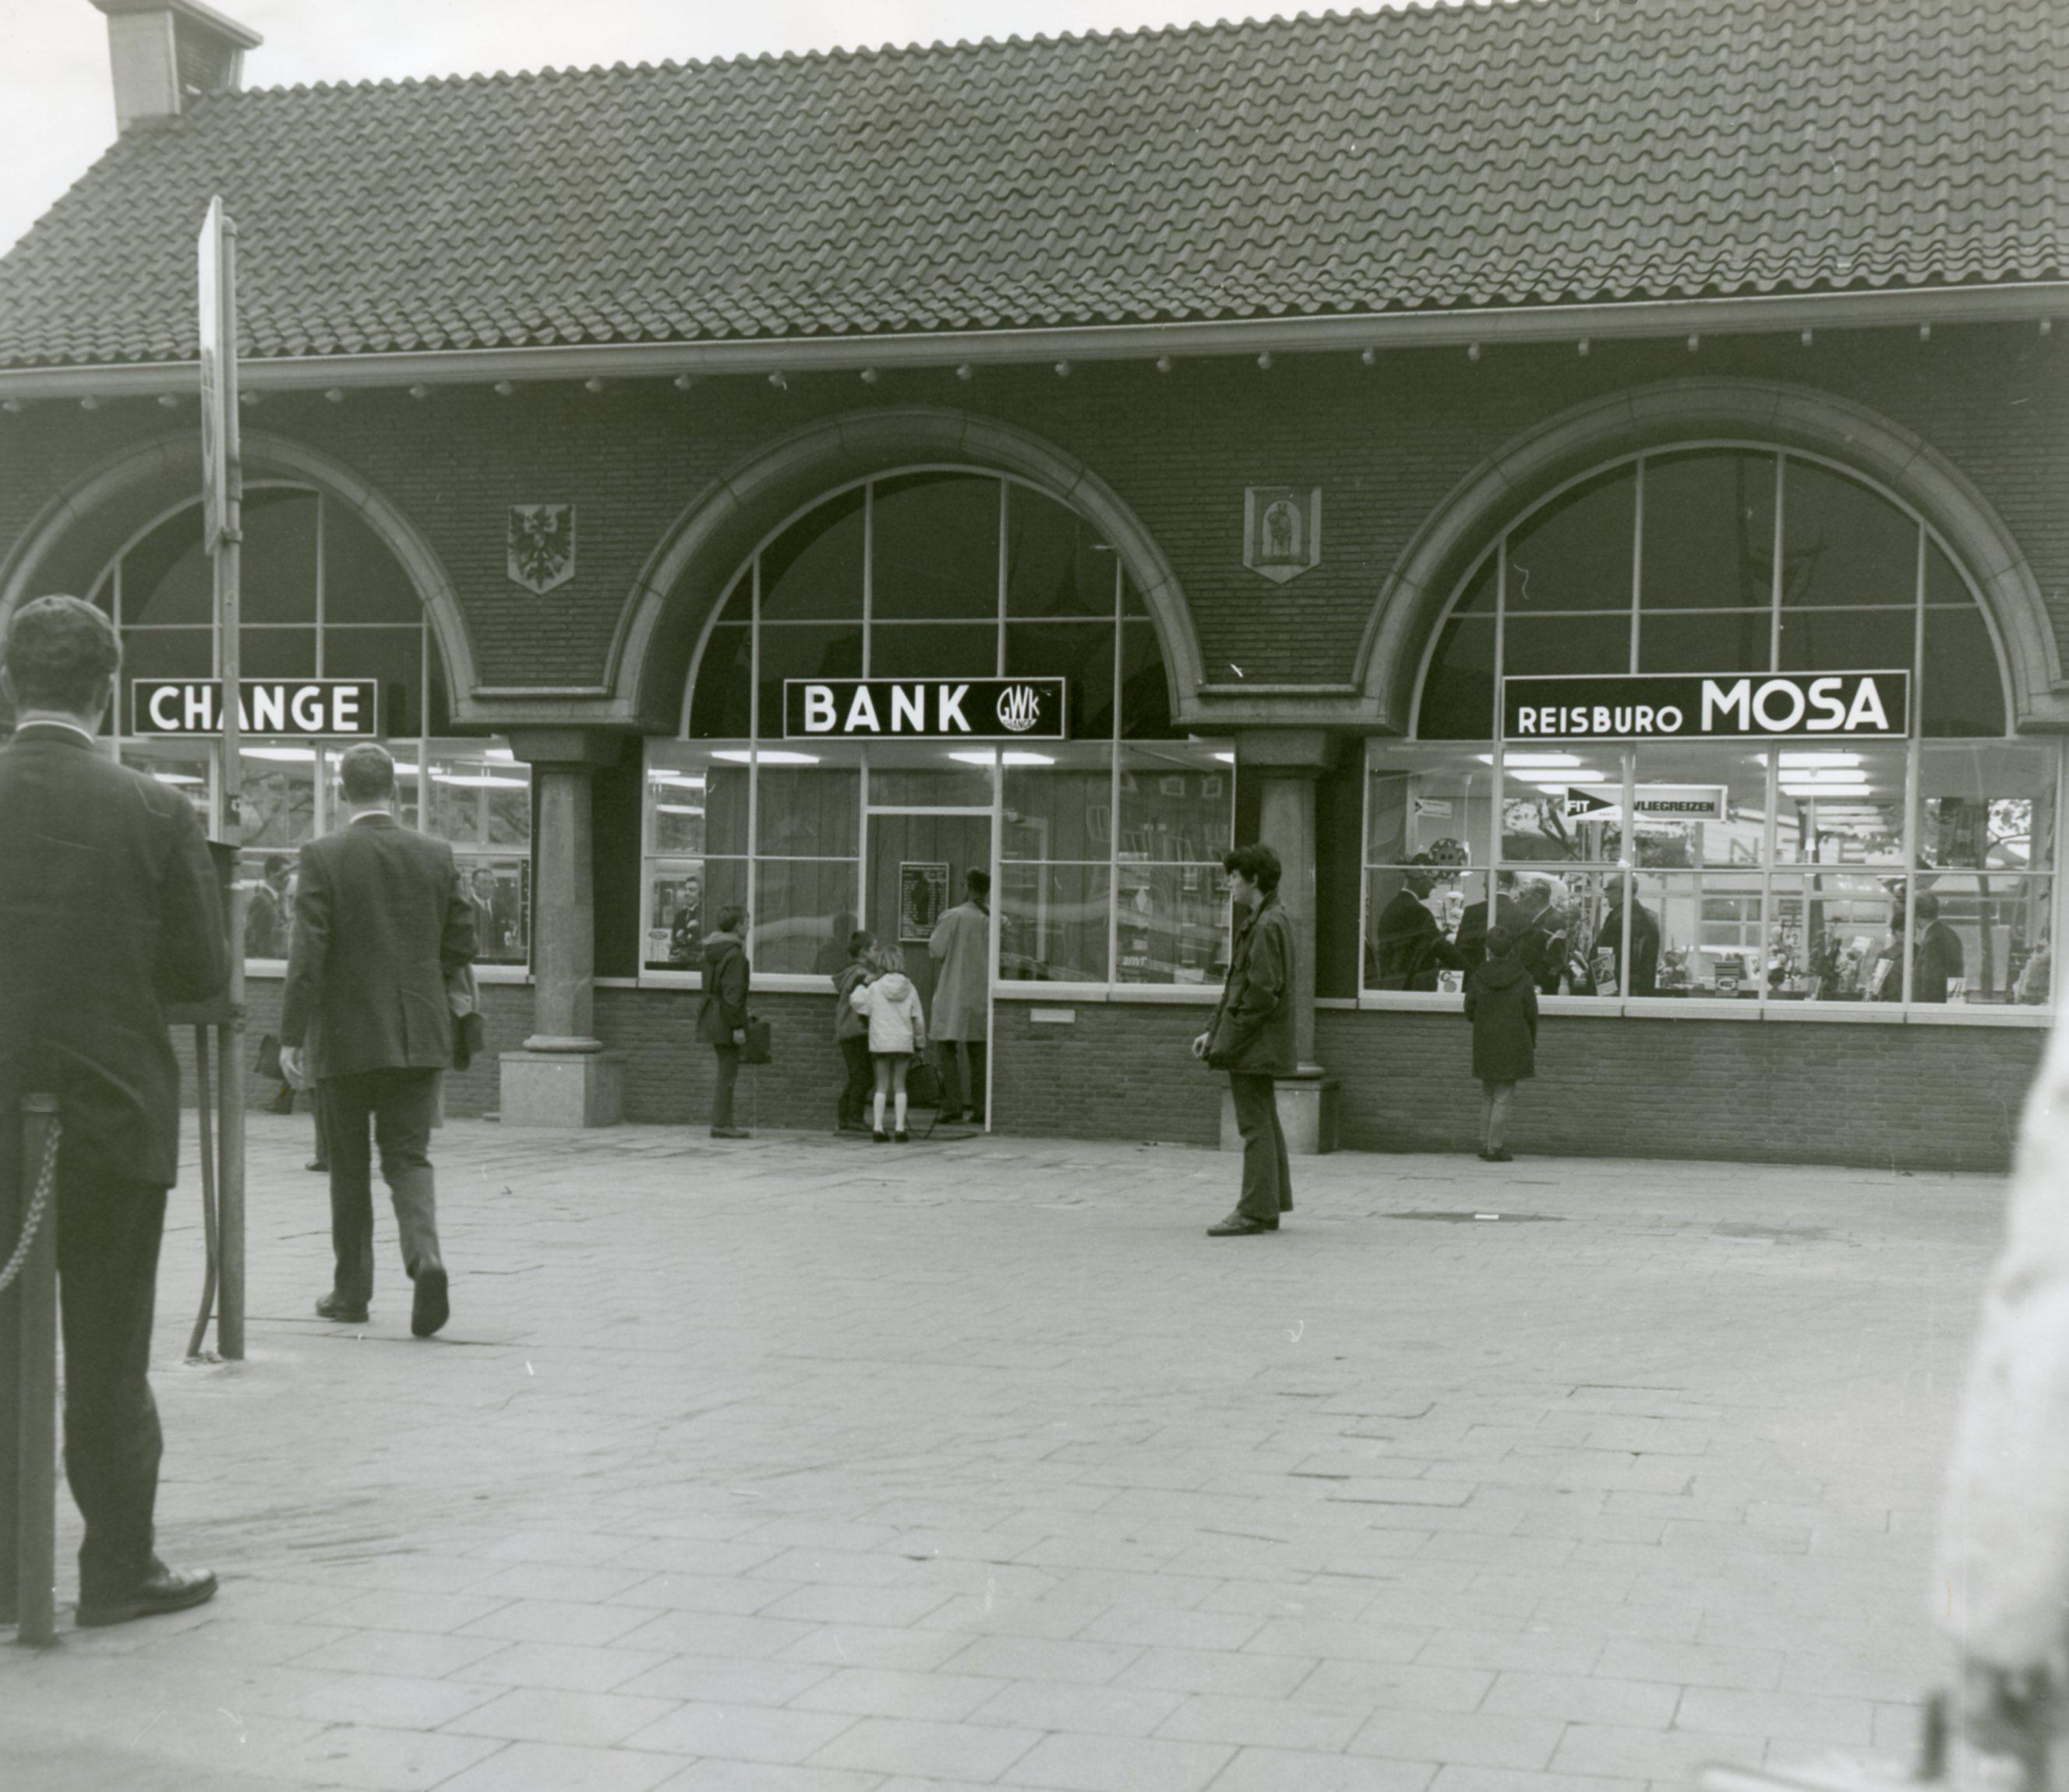 Mosa-Hertogenbosch-3